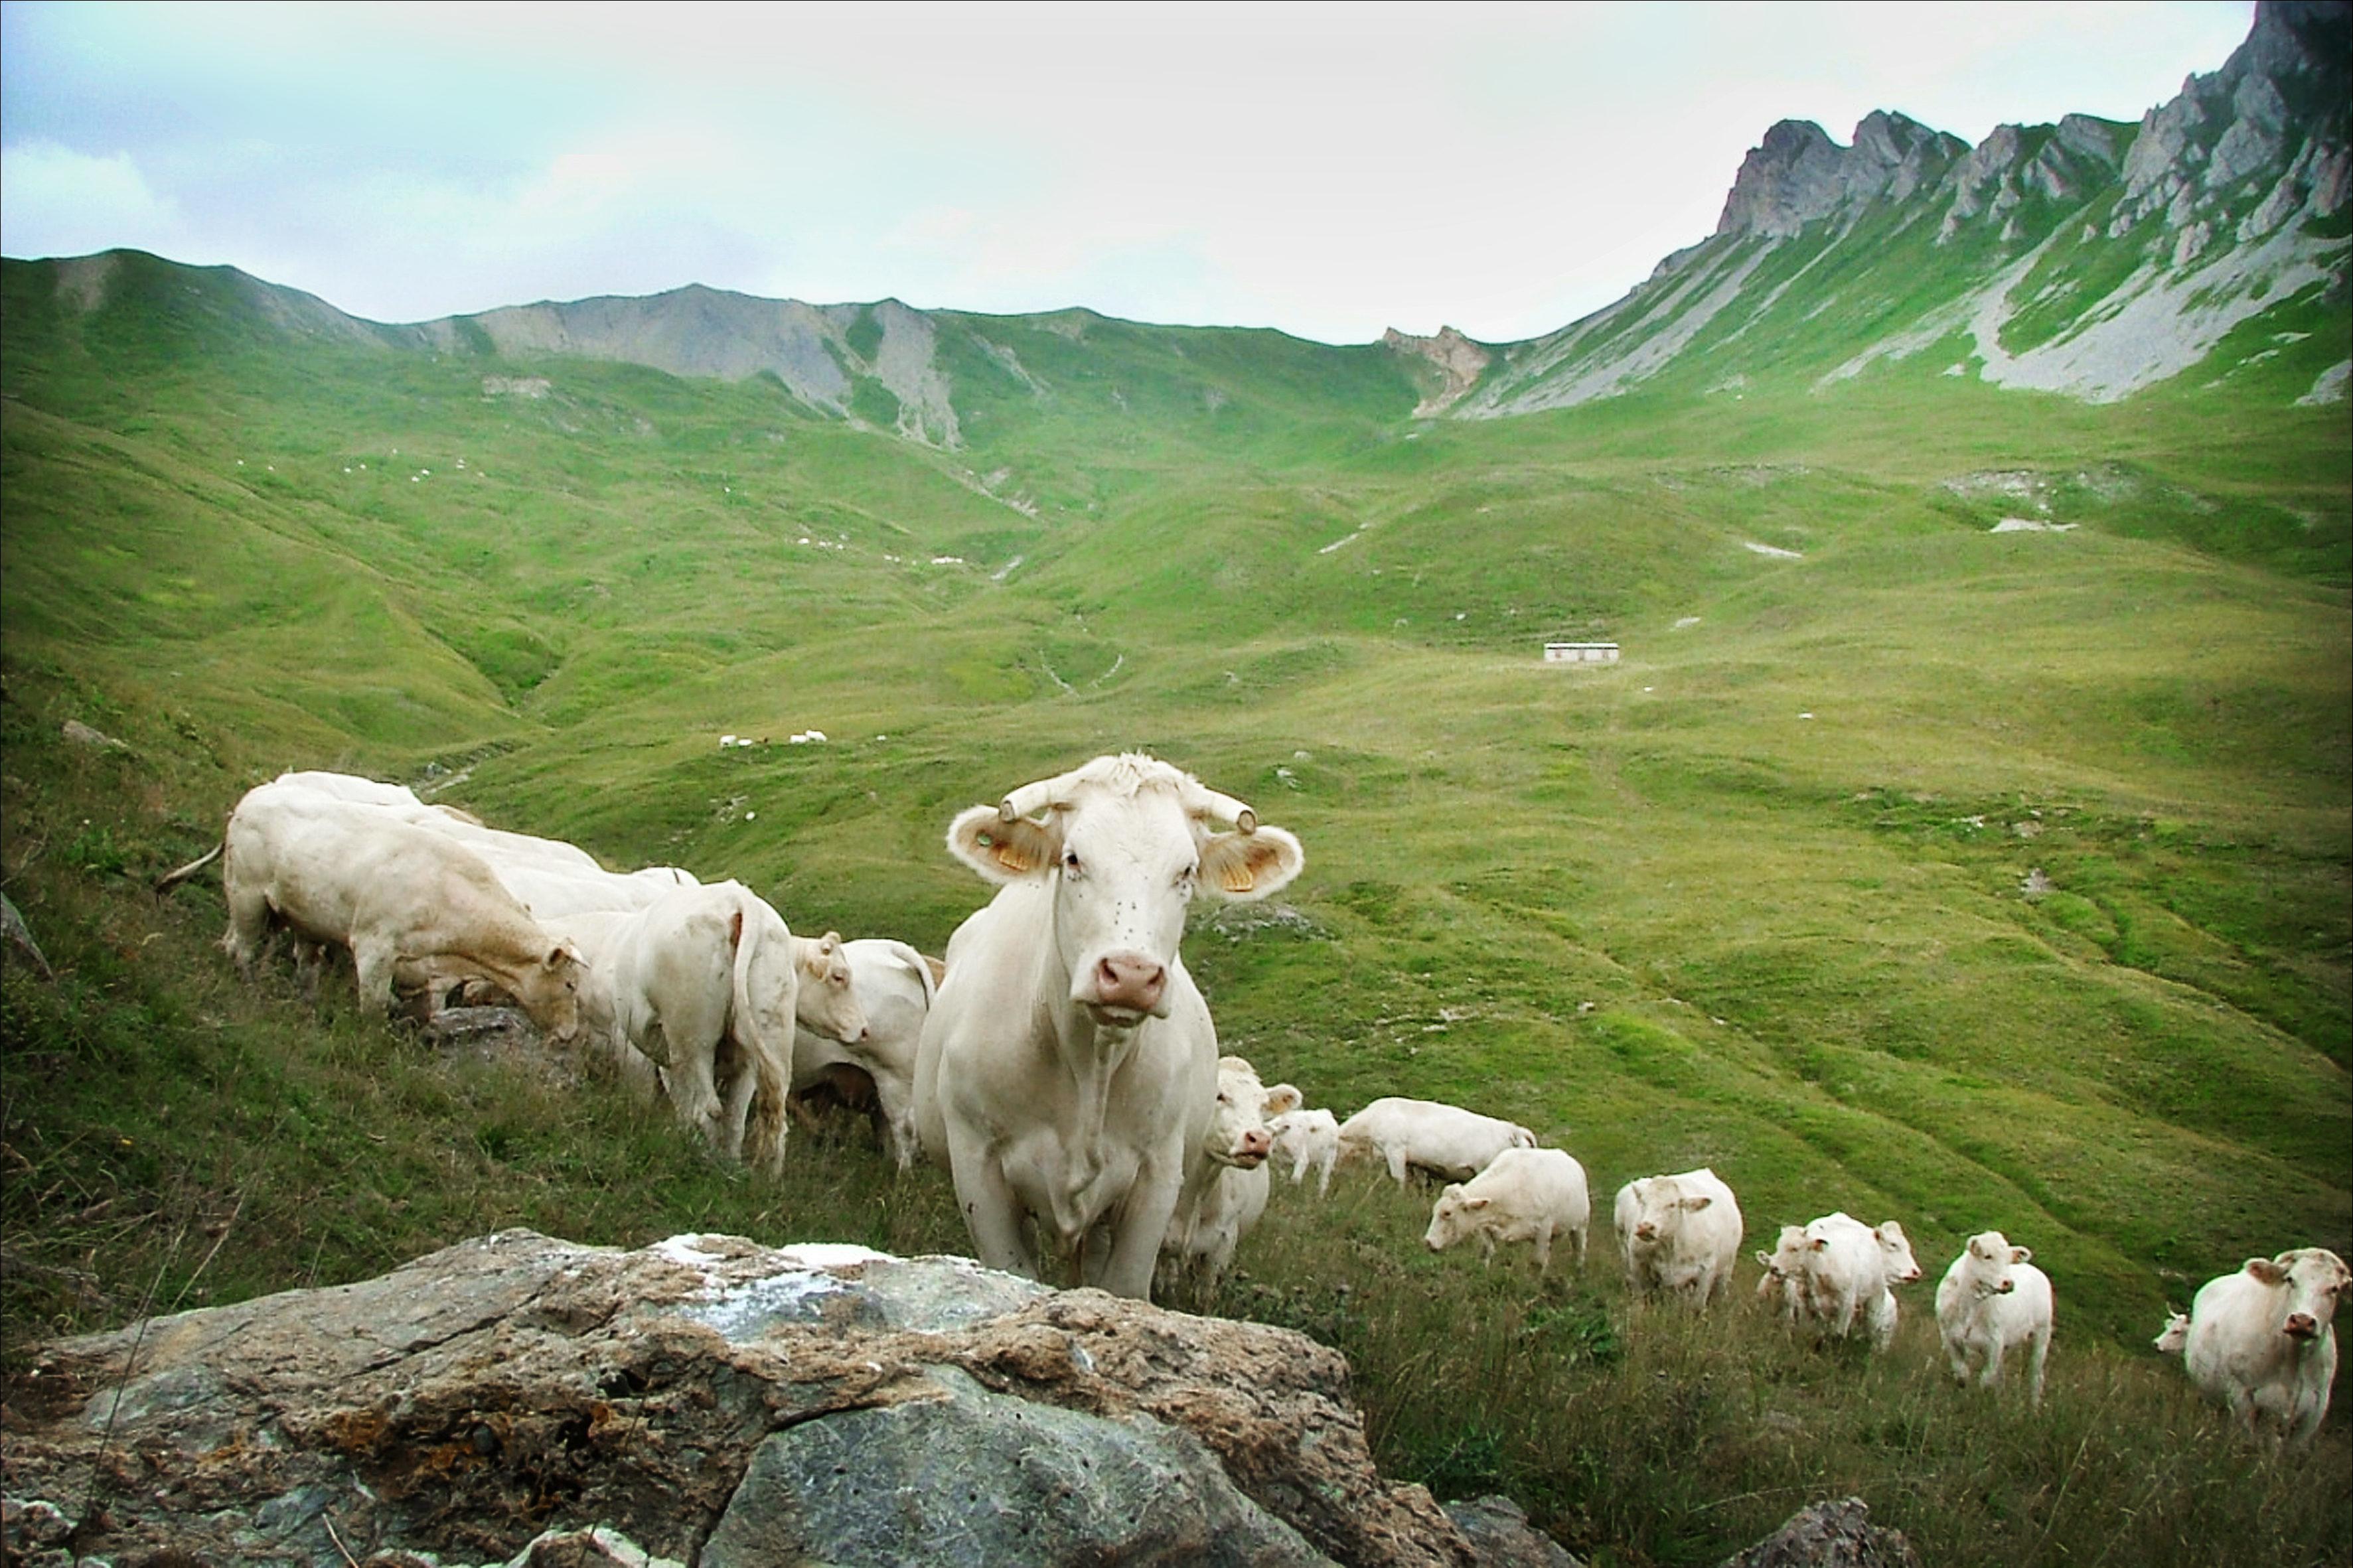 en alpage-Saveurs de nos fermes-Magasin de producteurs Saveurs de nos fermes -Albertville-Gilly Sur Isère-savoie- vente directe- agriculteur-produits locaux-